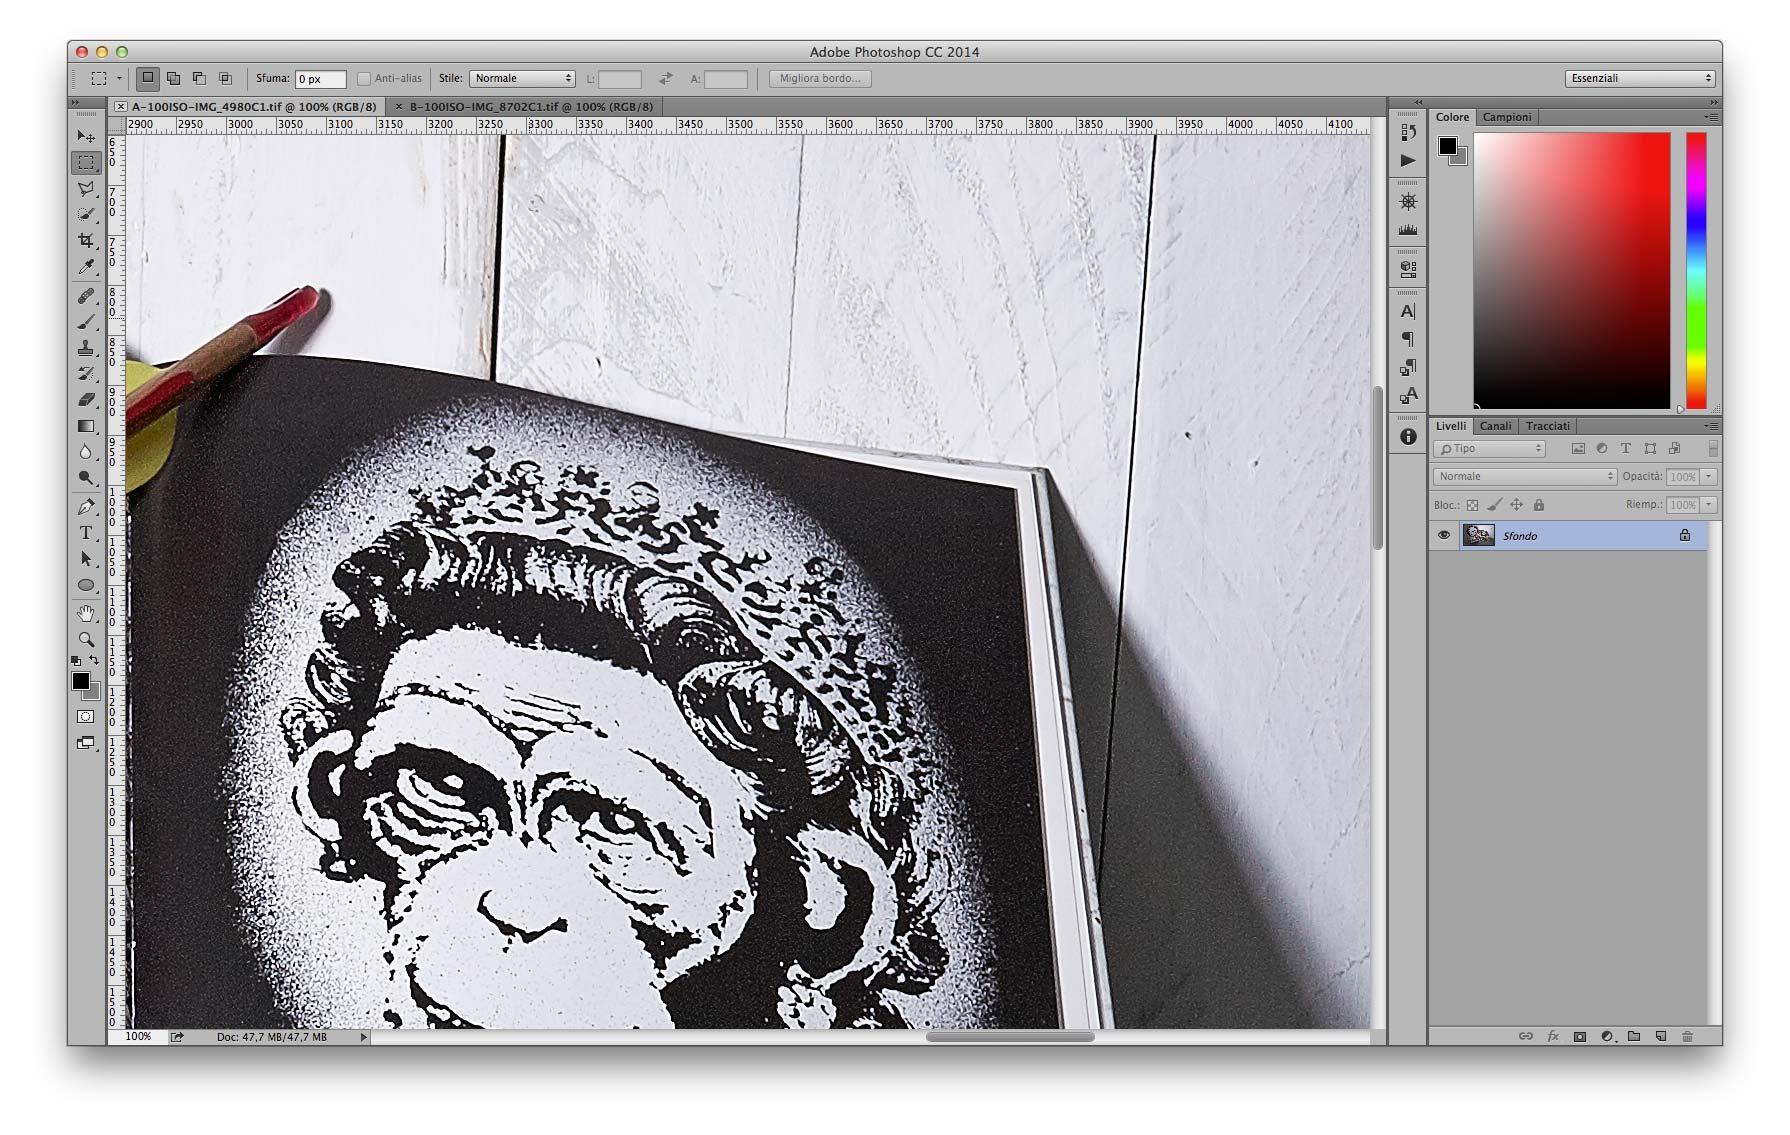 Dettaglio Alte Luci - A 35mm f/11 100 ISO Recuperati +2EV in sviluppo